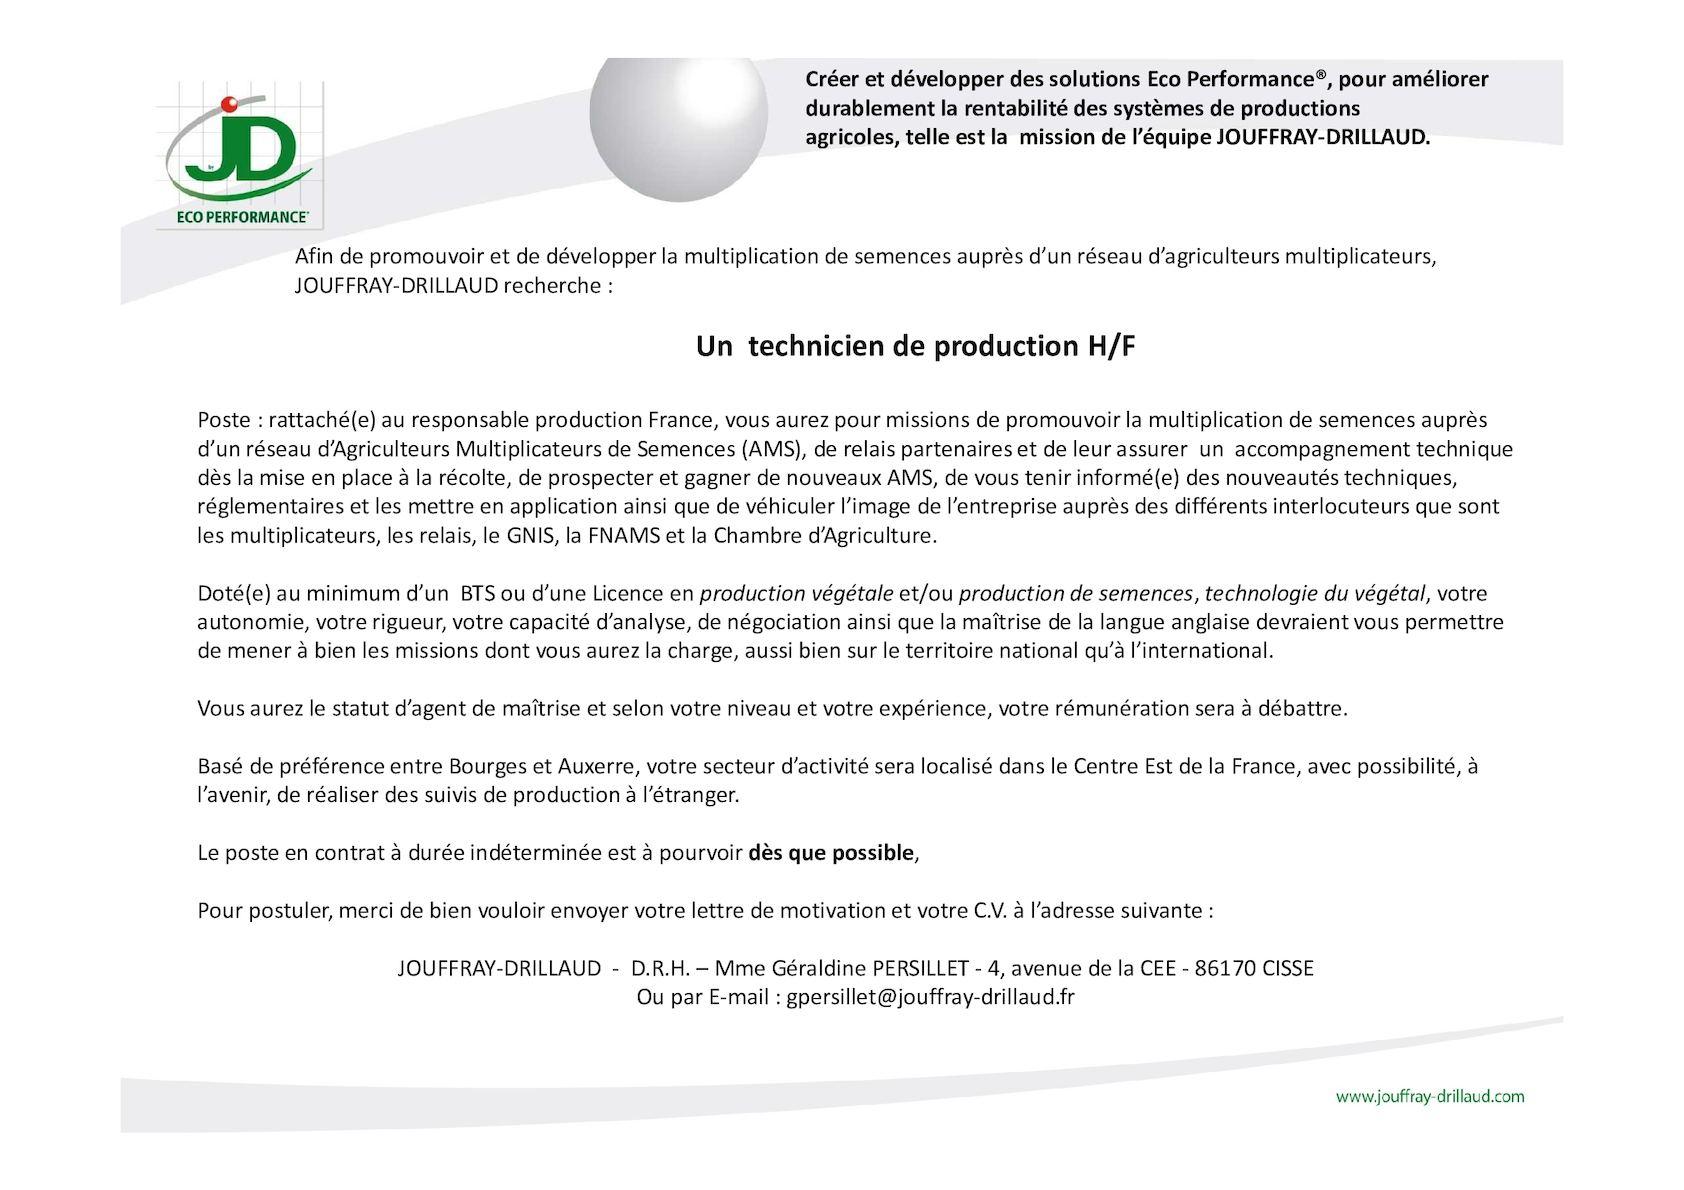 lettre de motivation pour bts production vegetale